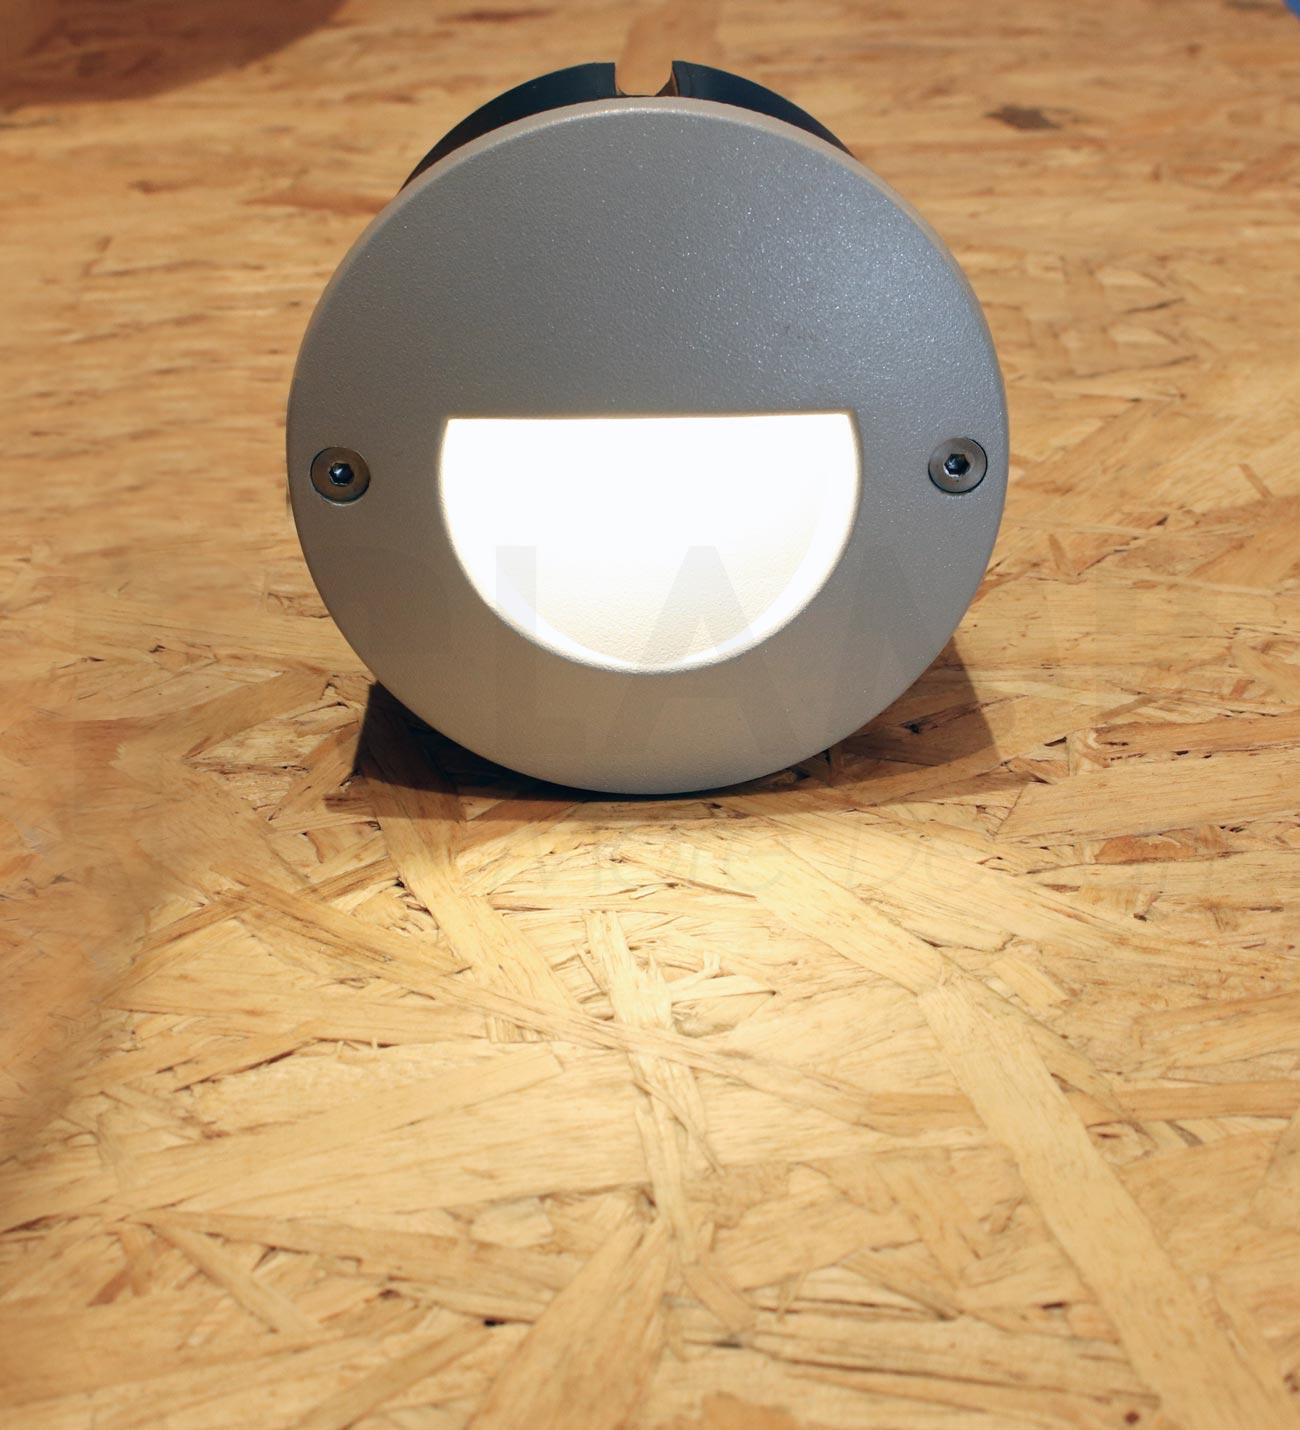 โคมไฟฝังผนัง Step Light โคมไฟภายนอก โคมไฟติดผนัง DOT-ROUND-RAMP-SILVER